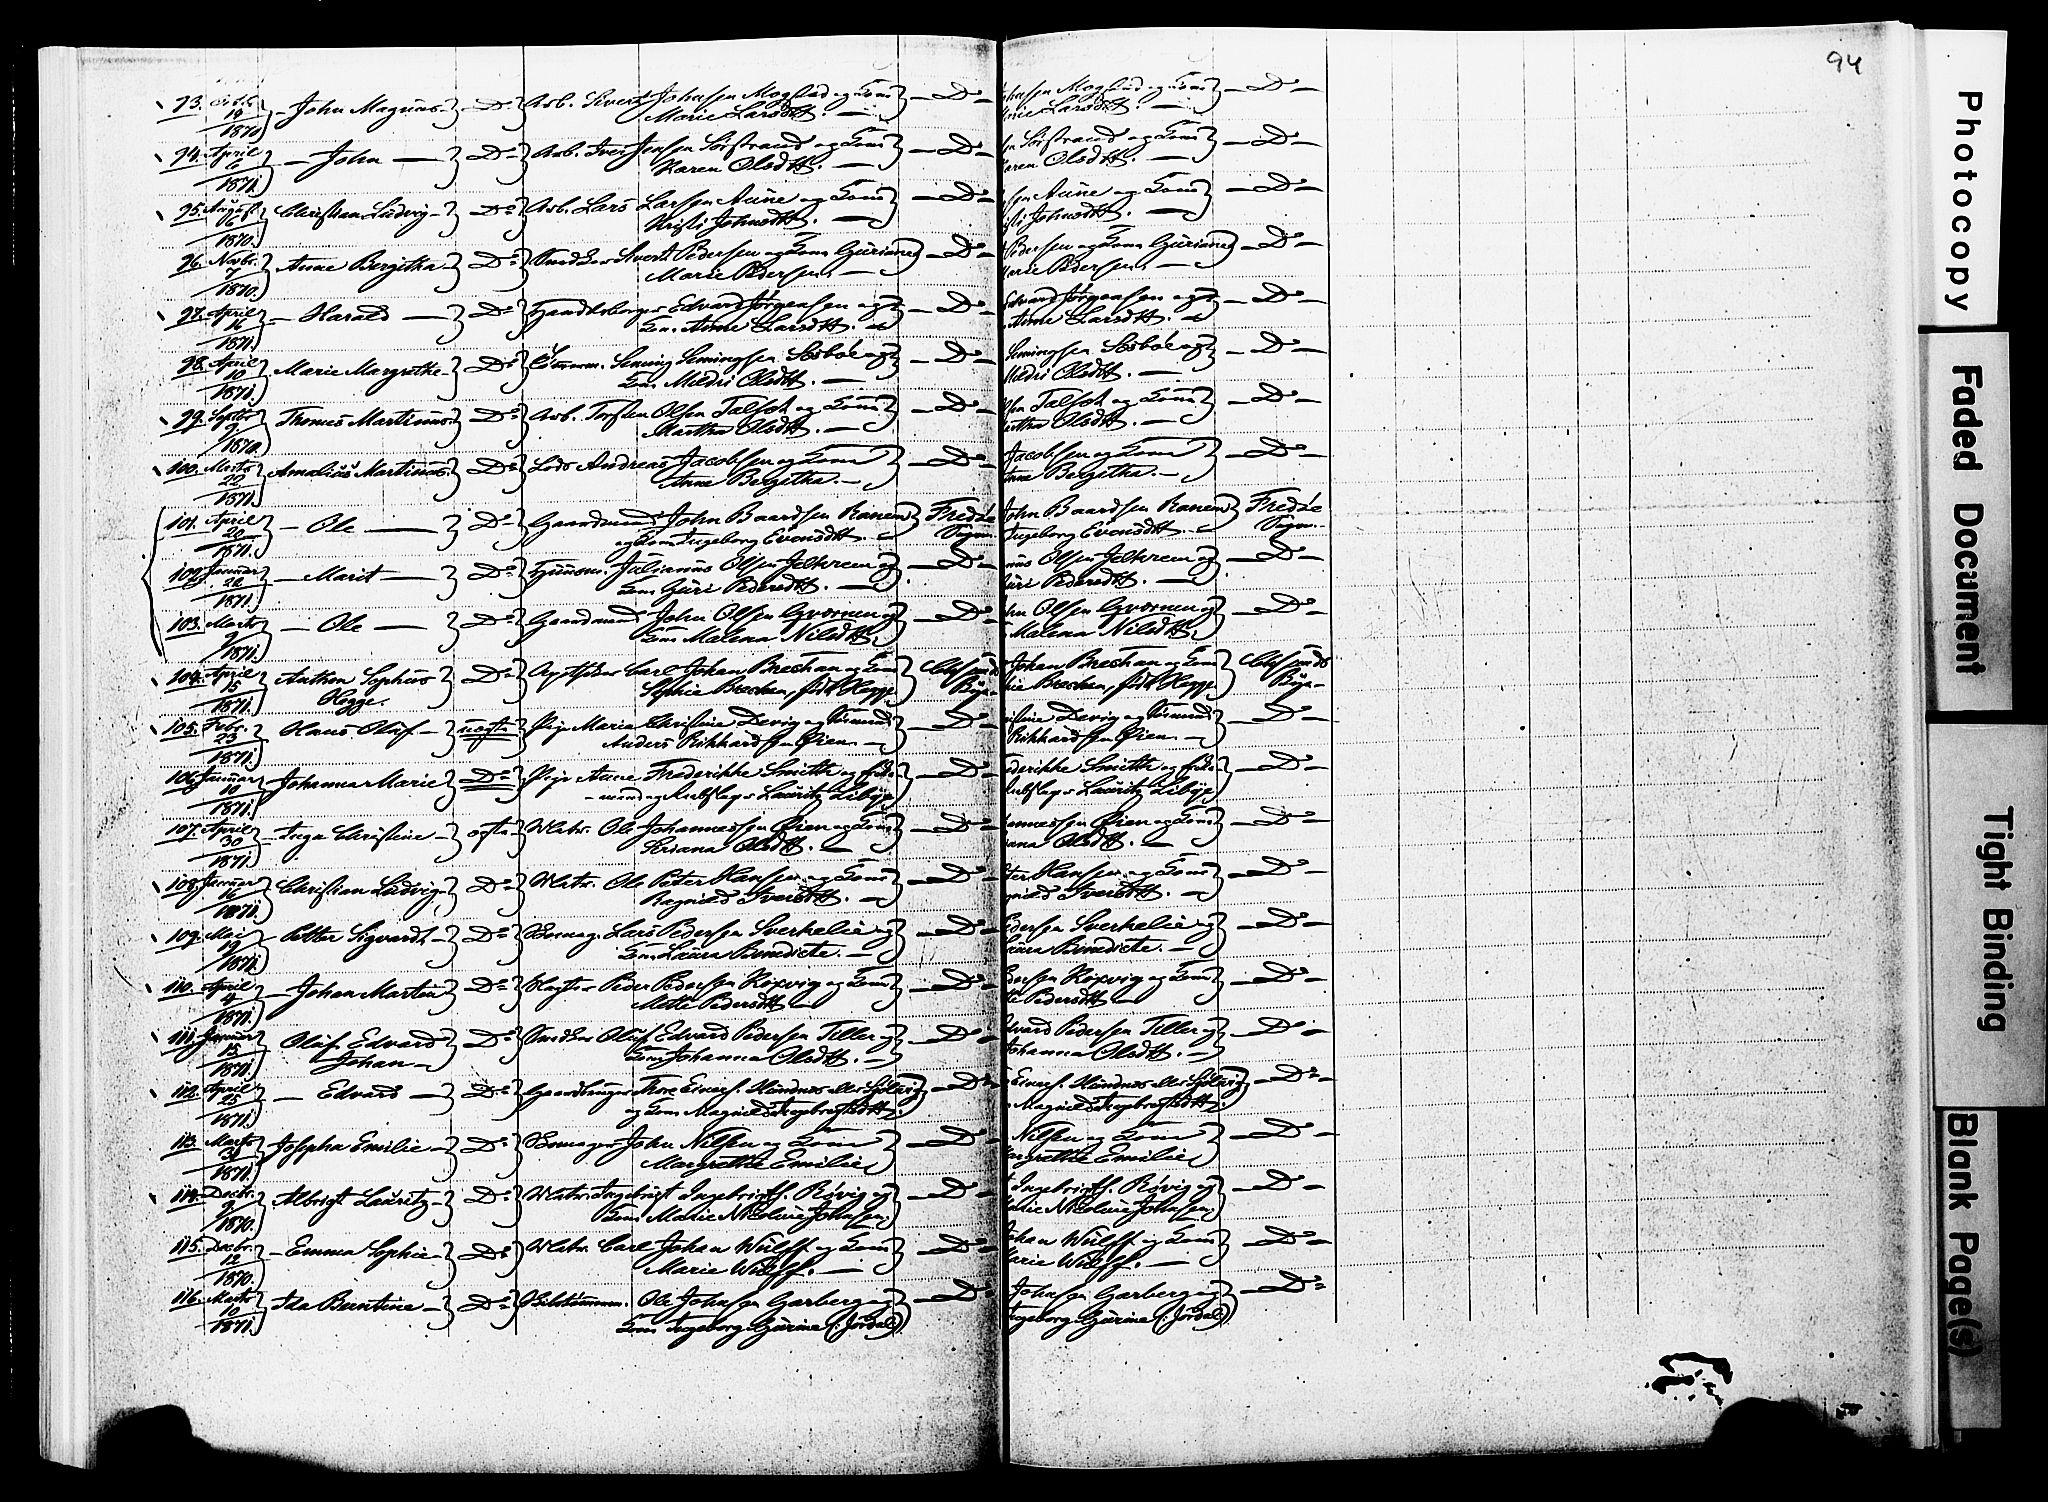 SAT, Ministerialprotokoller, klokkerbøker og fødselsregistre - Møre og Romsdal, 572/L0857: Ministerialbok nr. 572D01, 1866-1872, s. 93-94